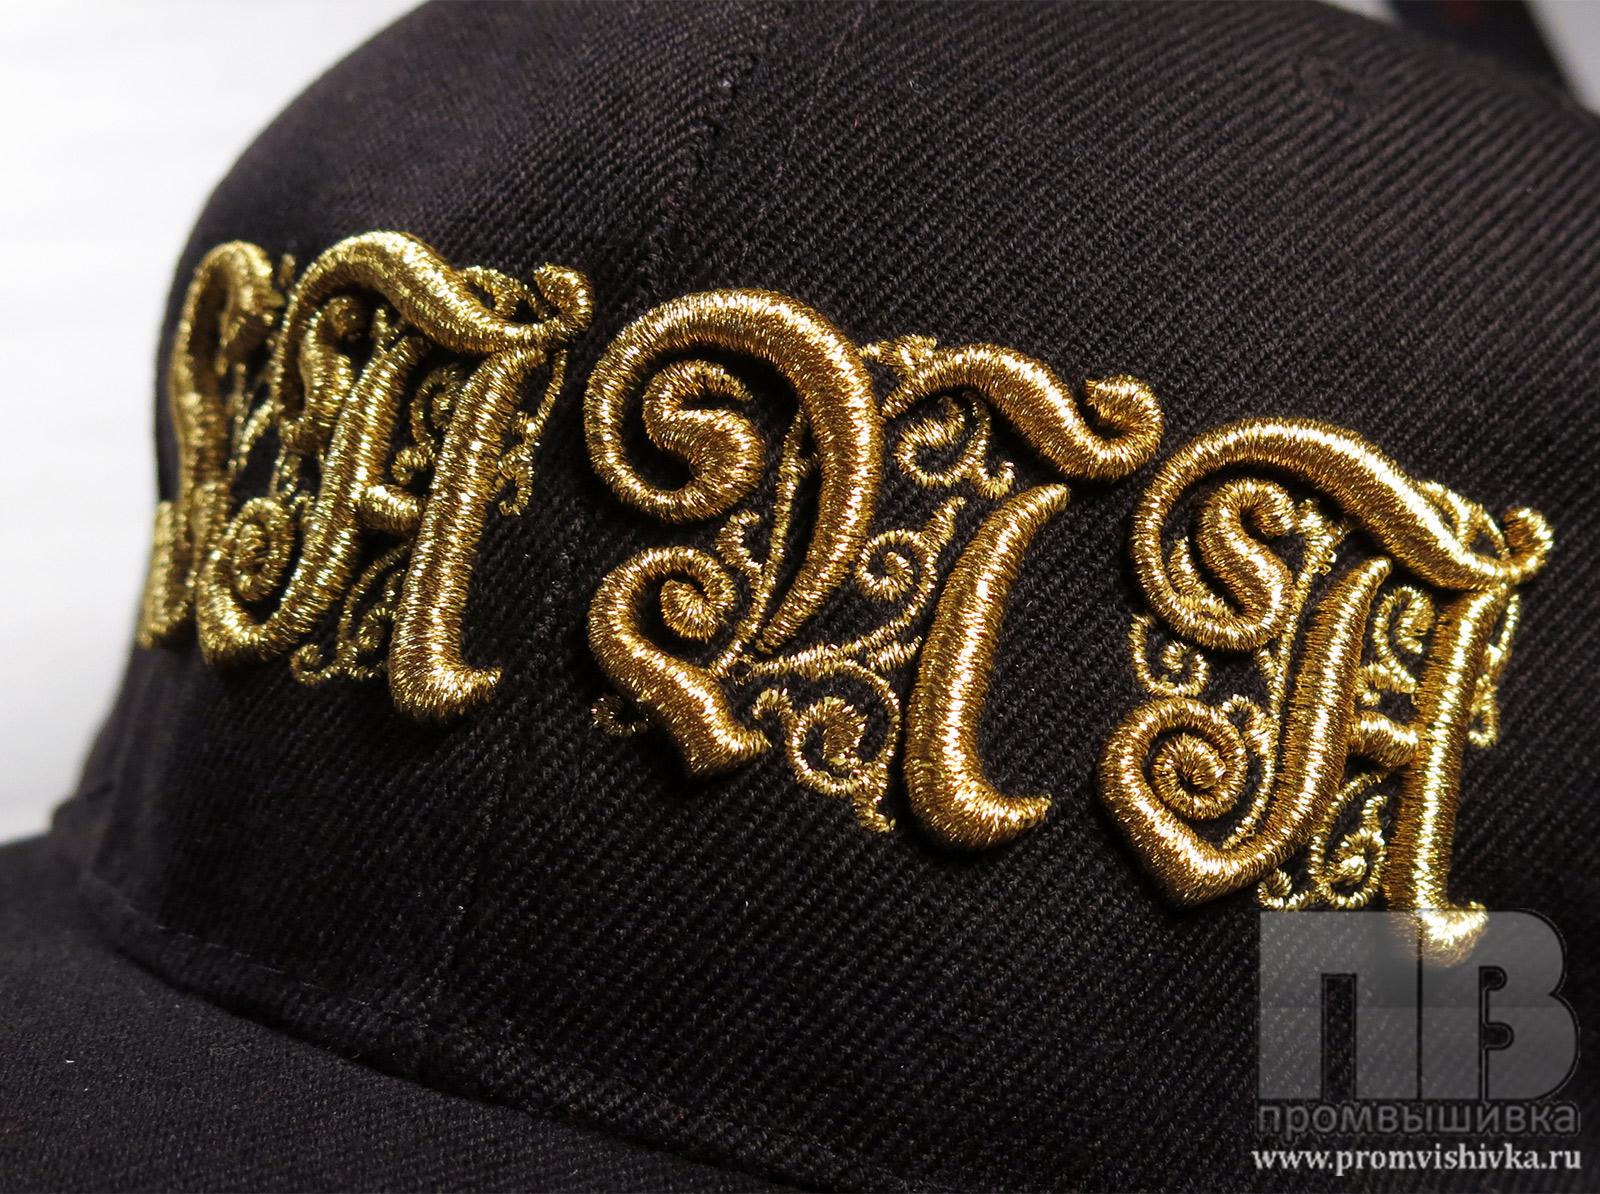 Вышивка на кепках snapback на заказ. Фирменные кепки с прямым козырьком 762dbc5eebaa0